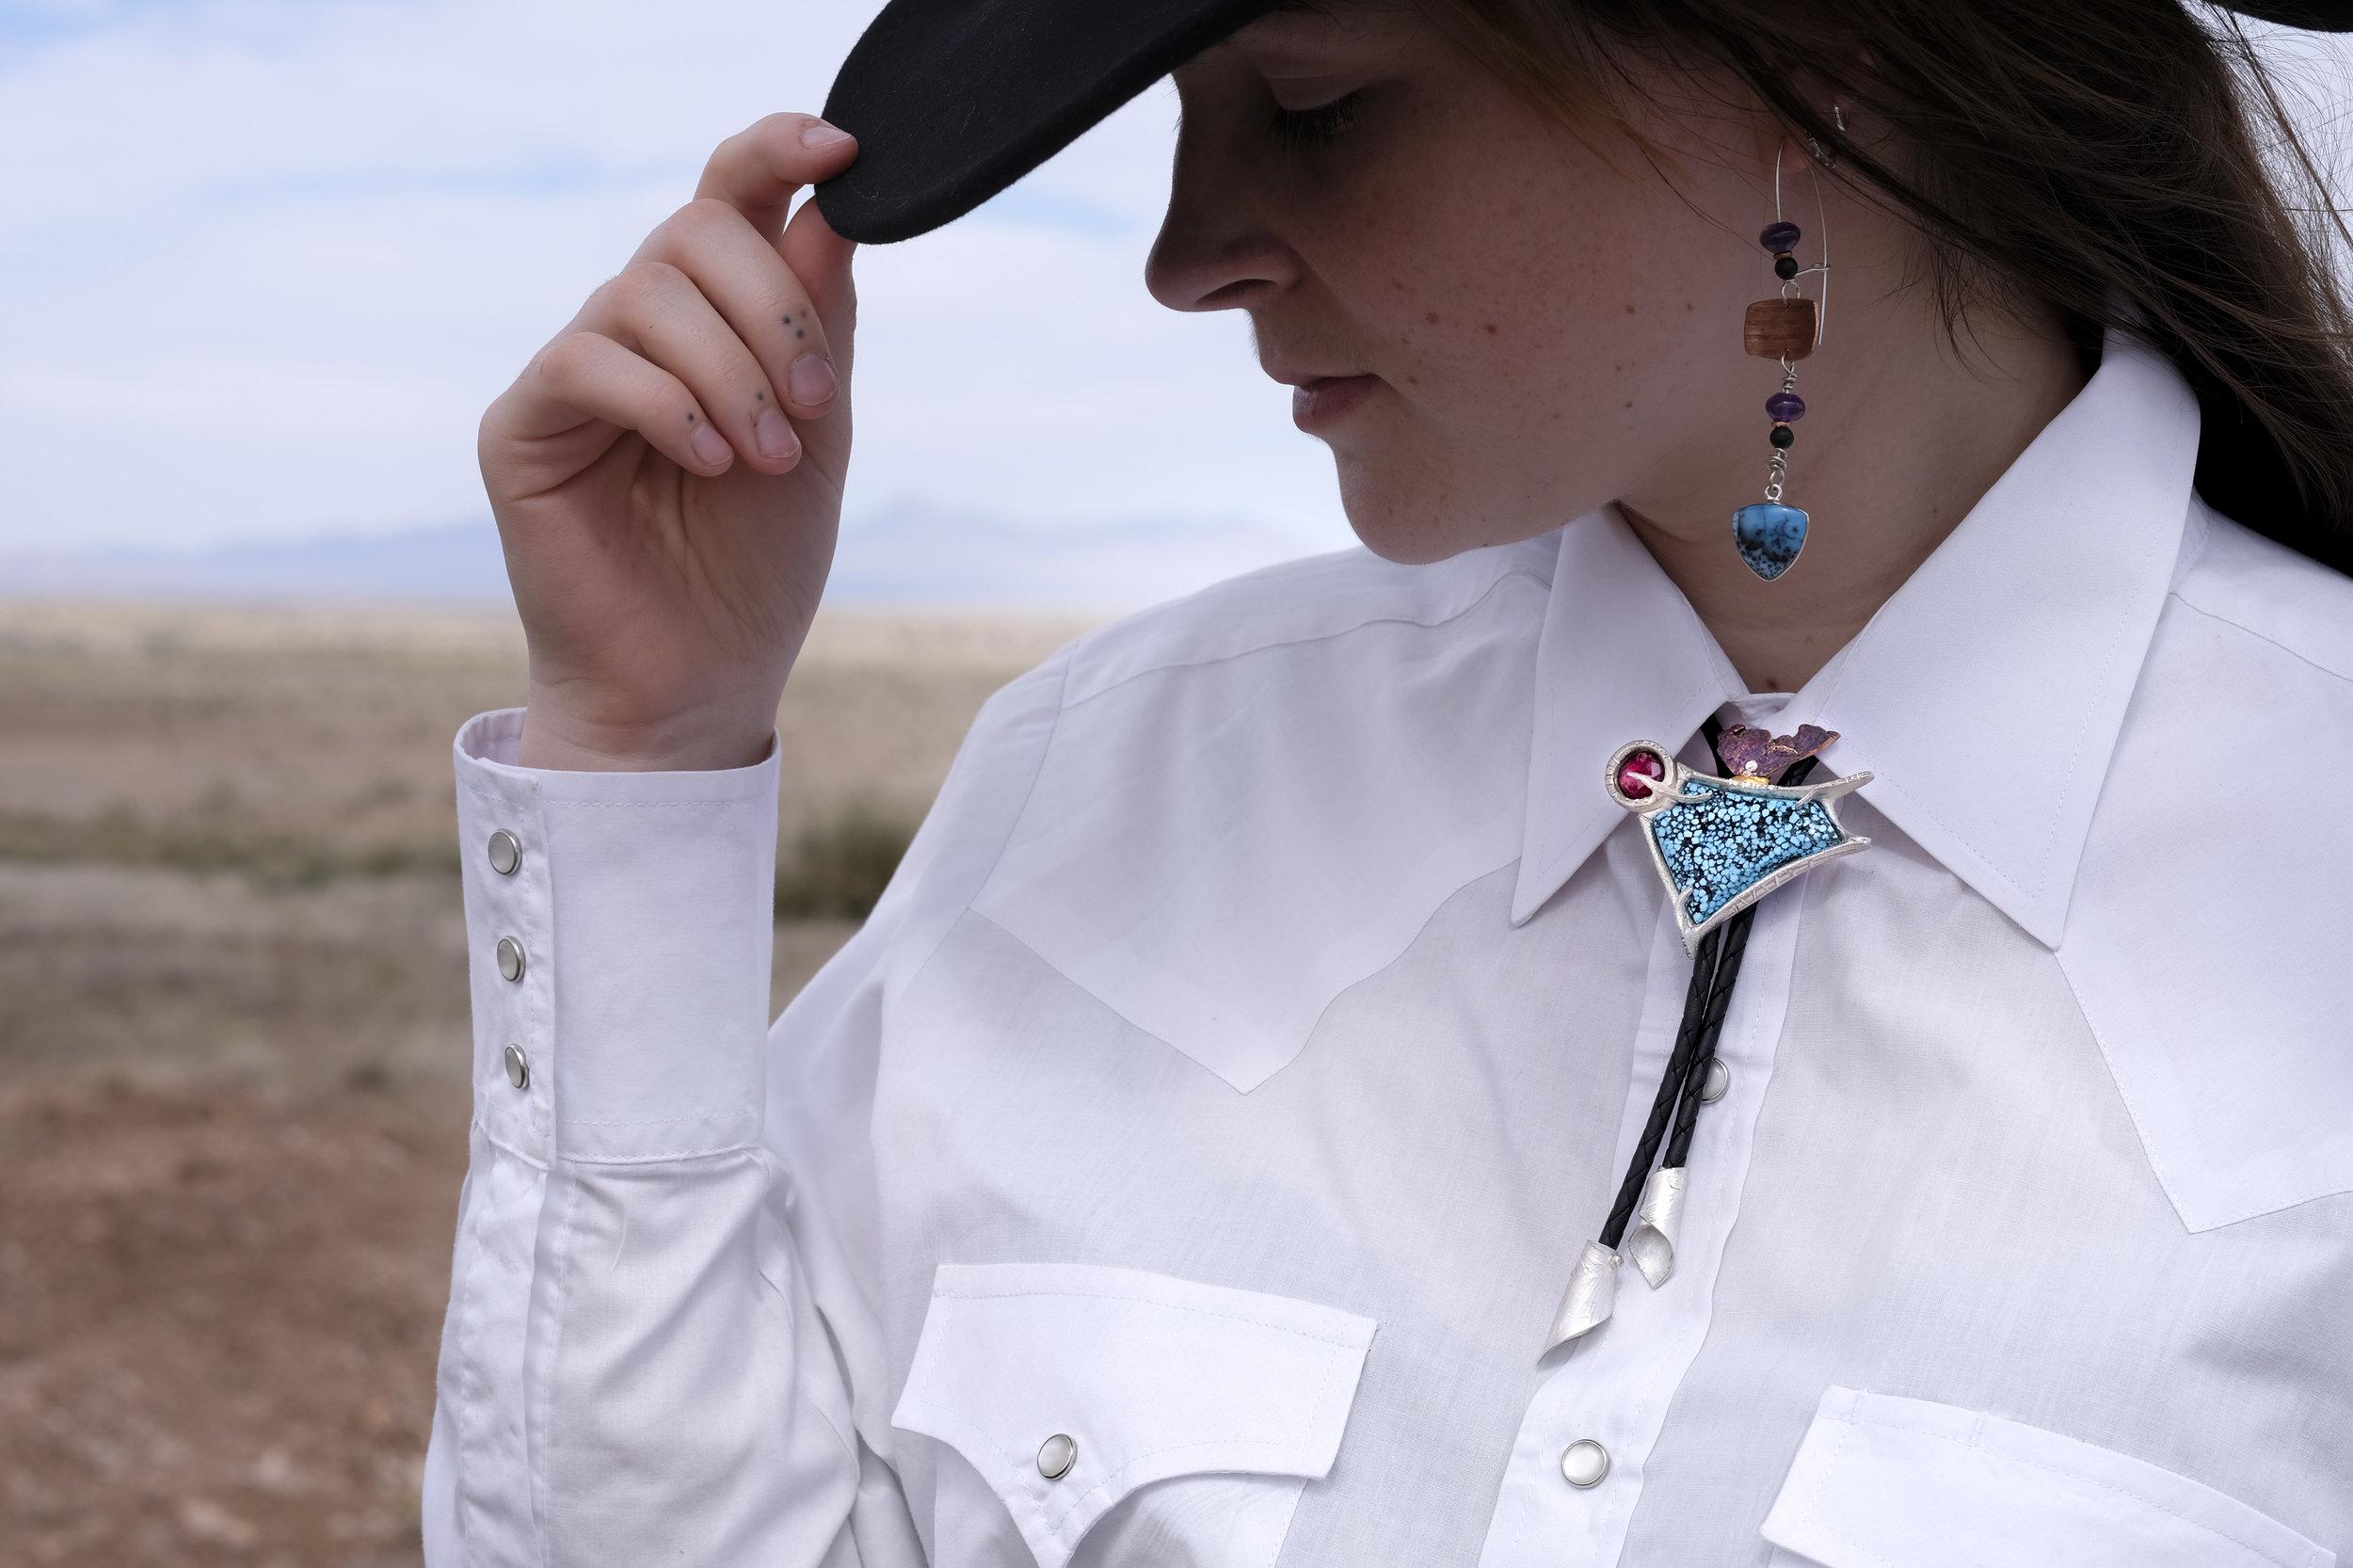 Yarrow in Neo western Bolo tie